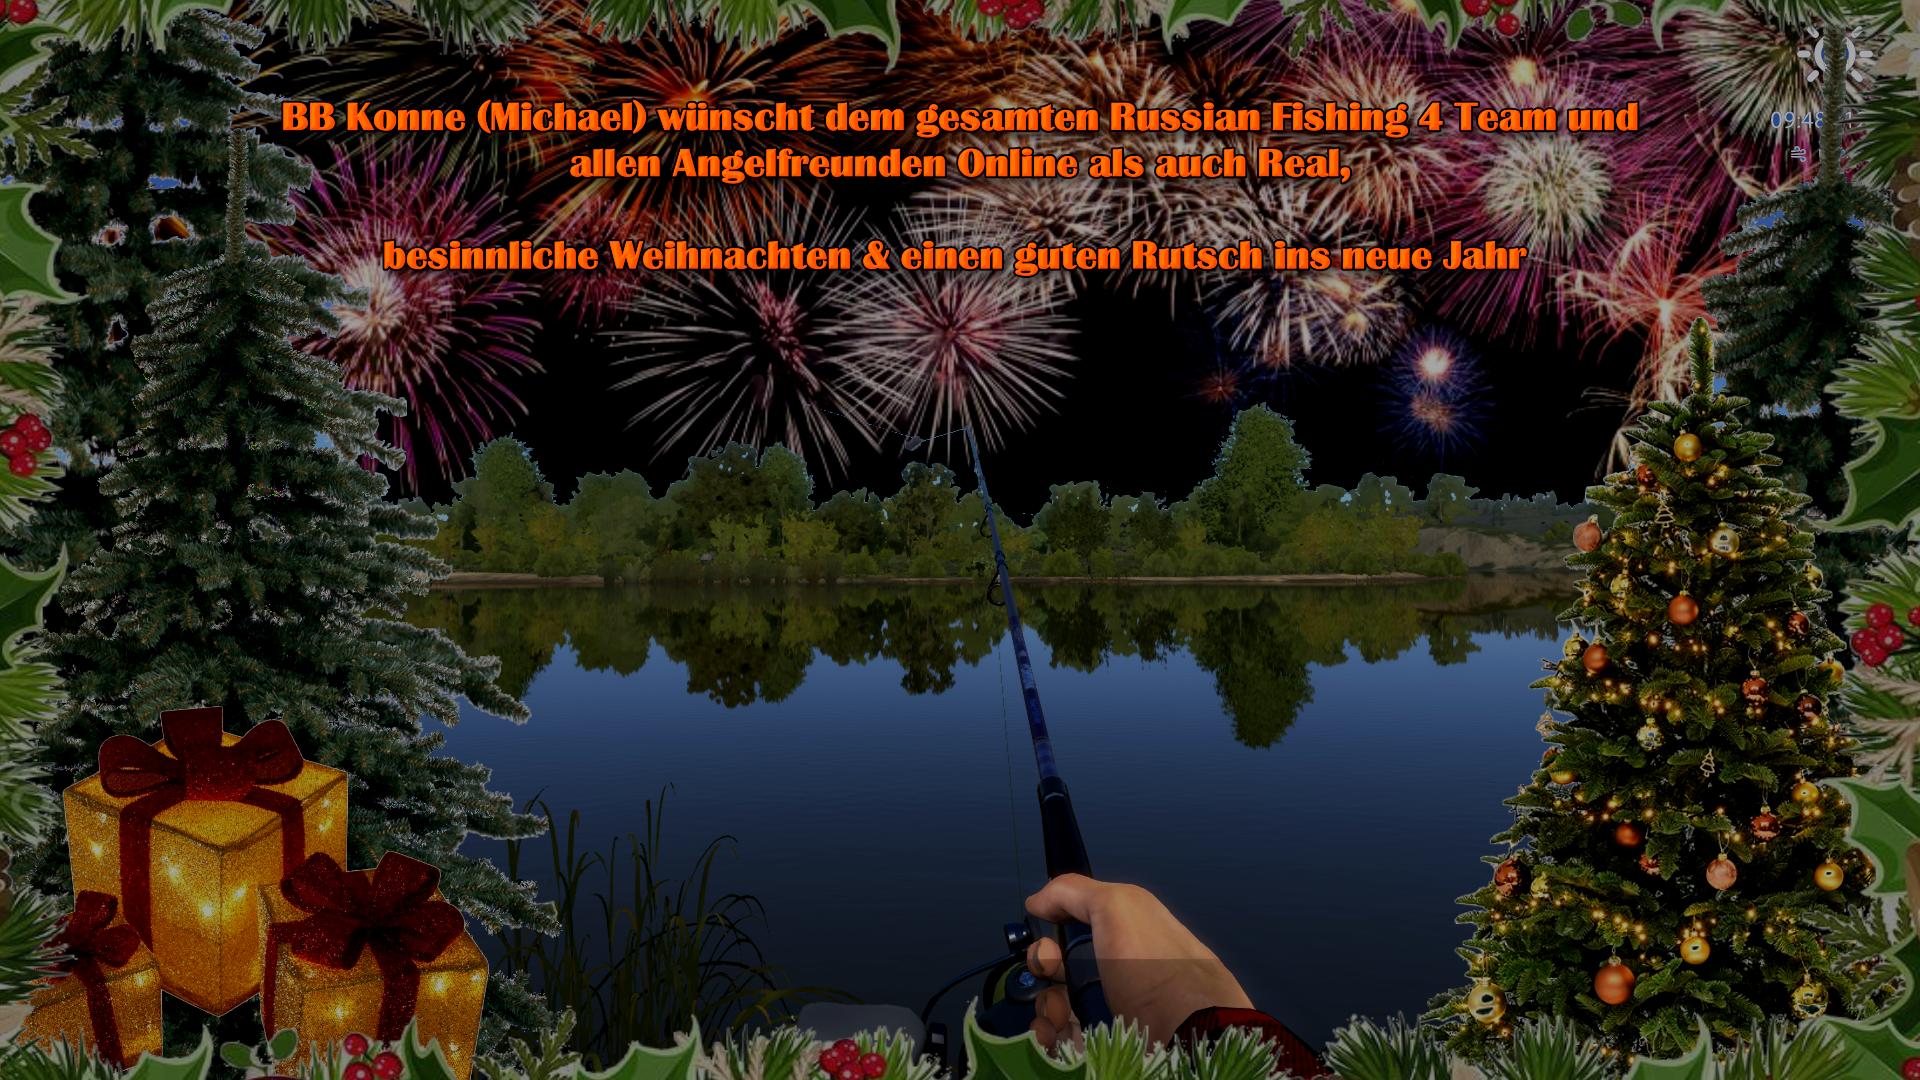 Chuck Norris Weihnachten.Danke Und Frohe Weihnachten Offtopic Russian Fishing 4